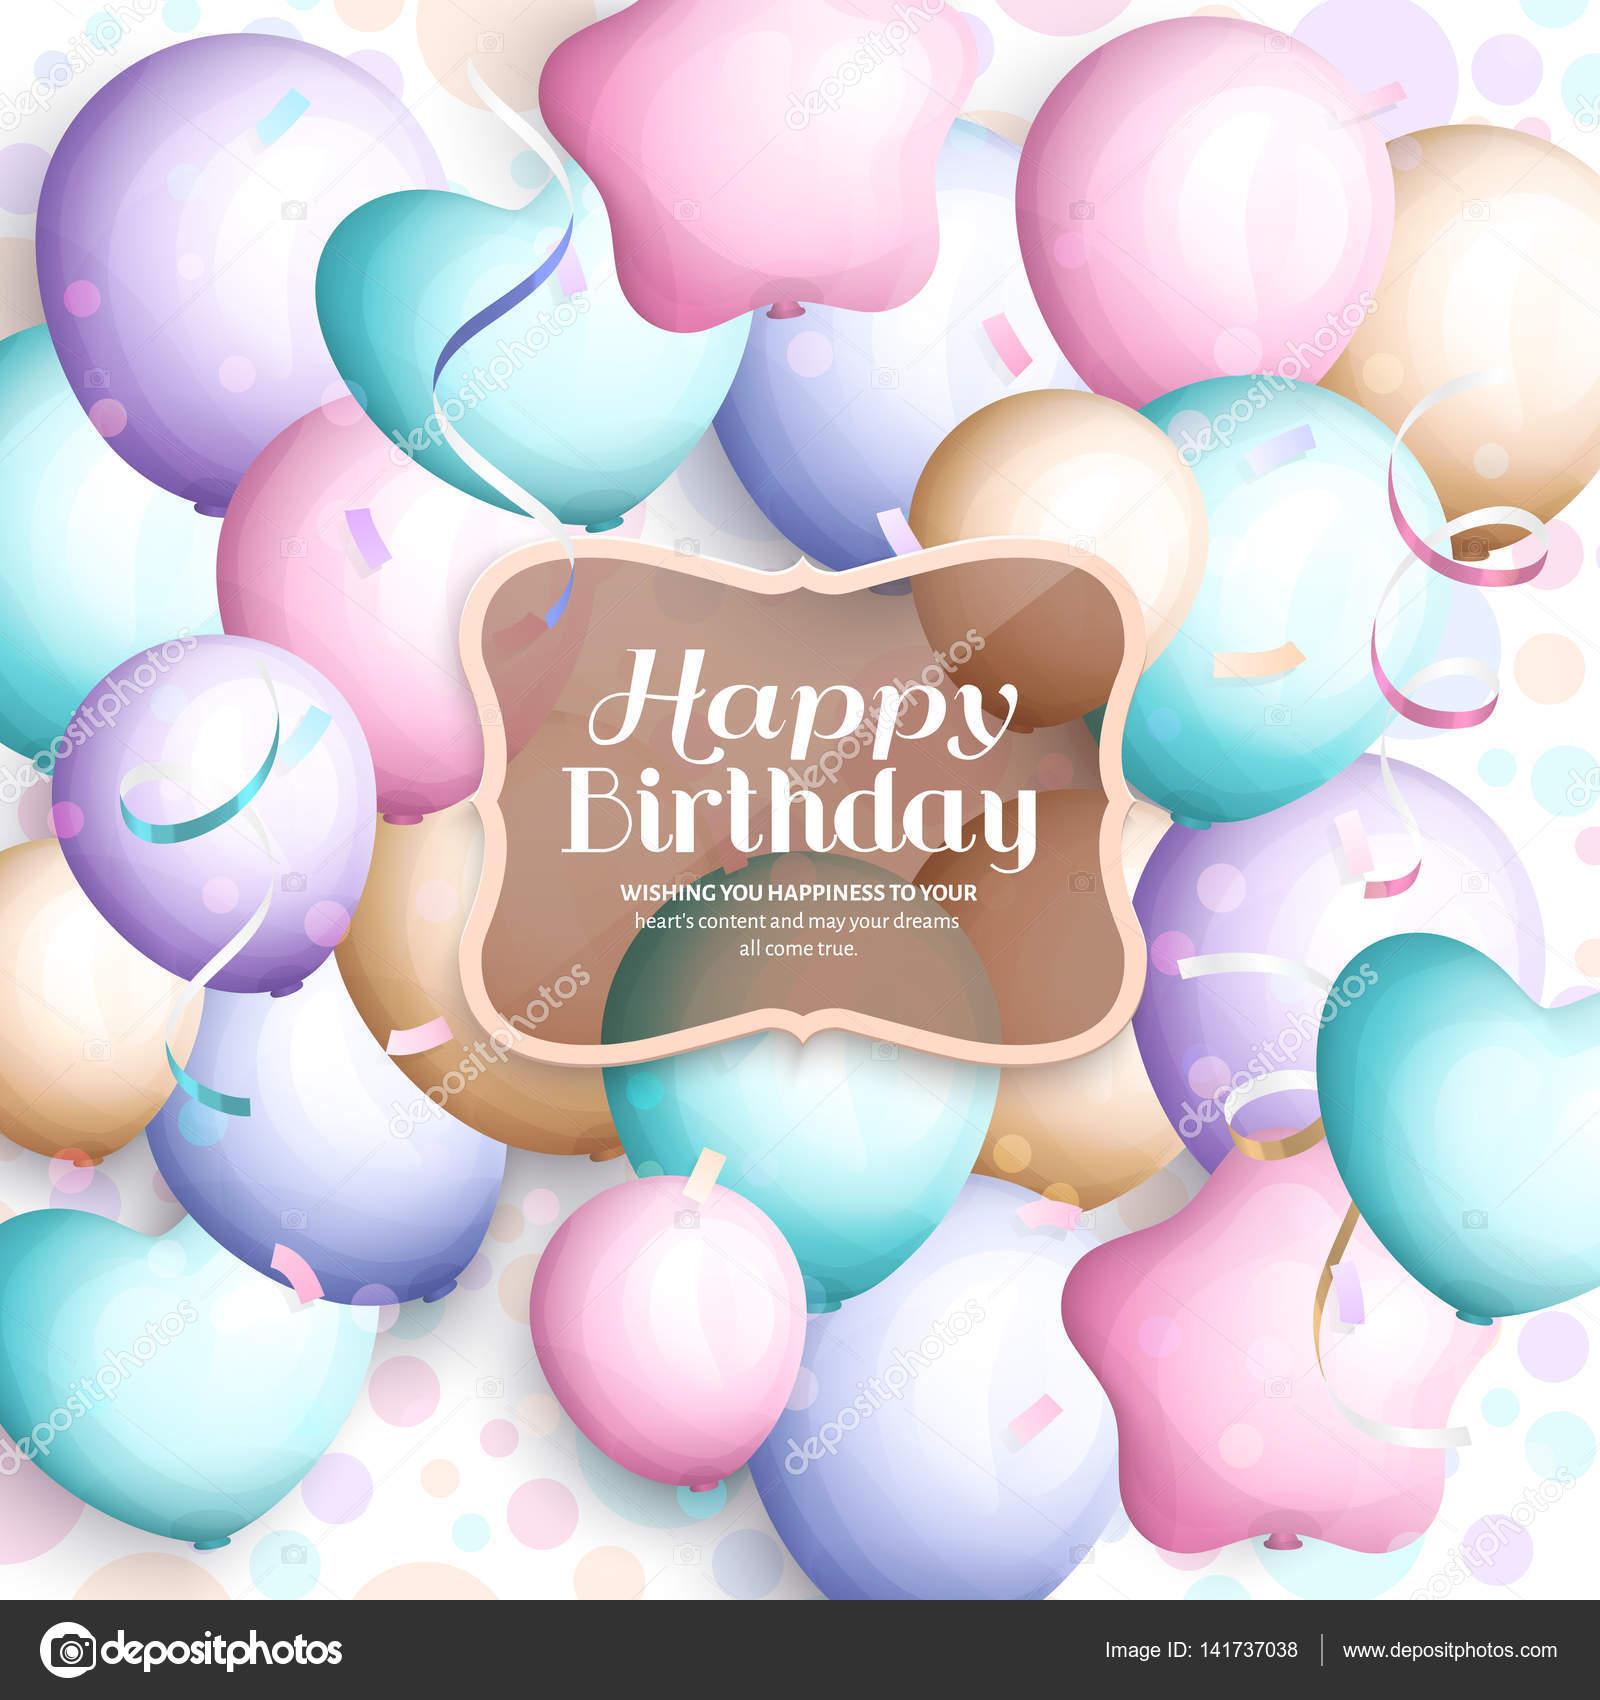 Alles Gute zum Geburtstag Grußkarte. Retro Vintage Pastell Party ...